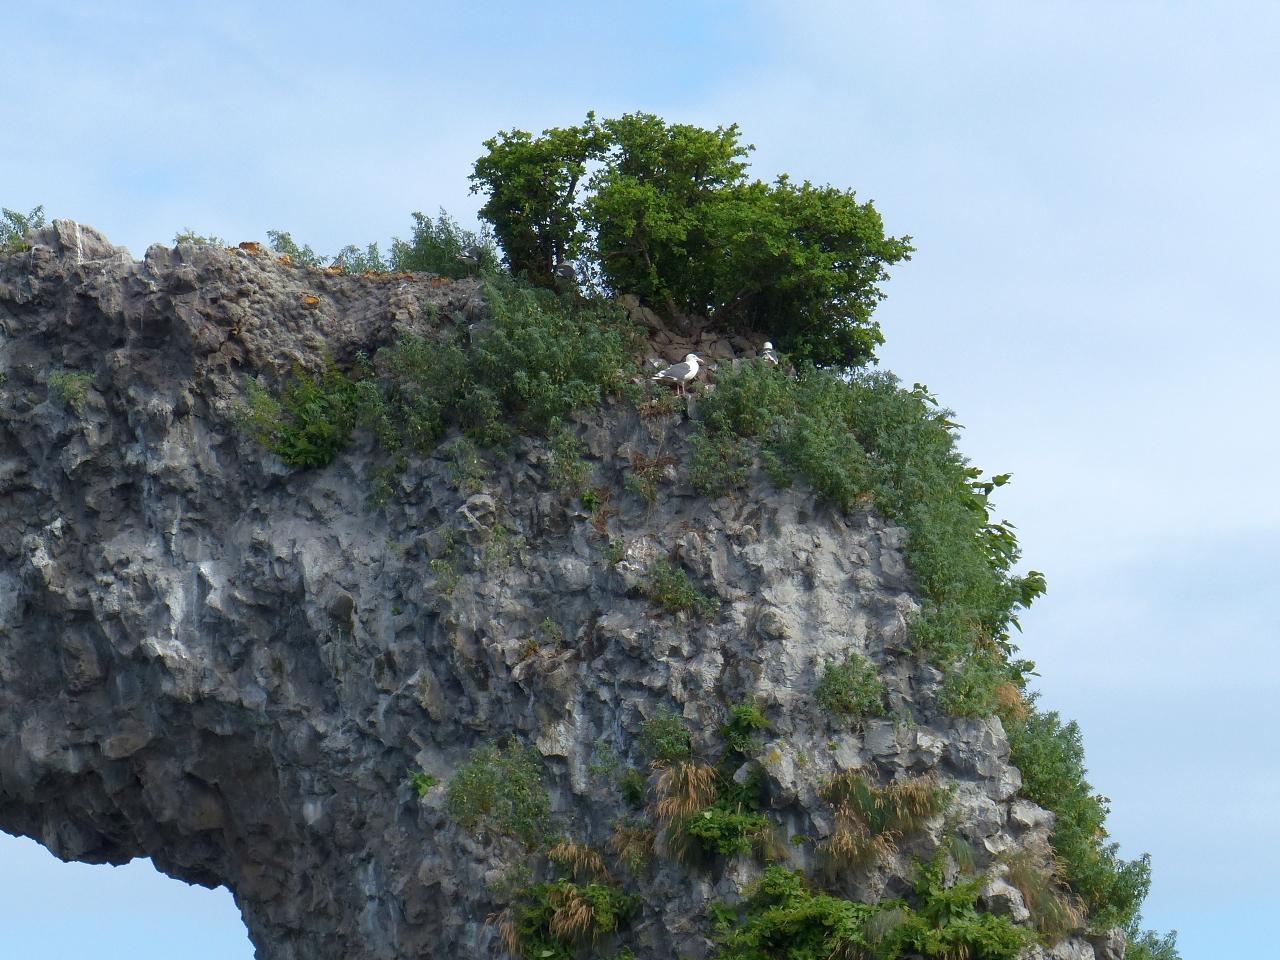 岩の頂点に生えている珍しい木